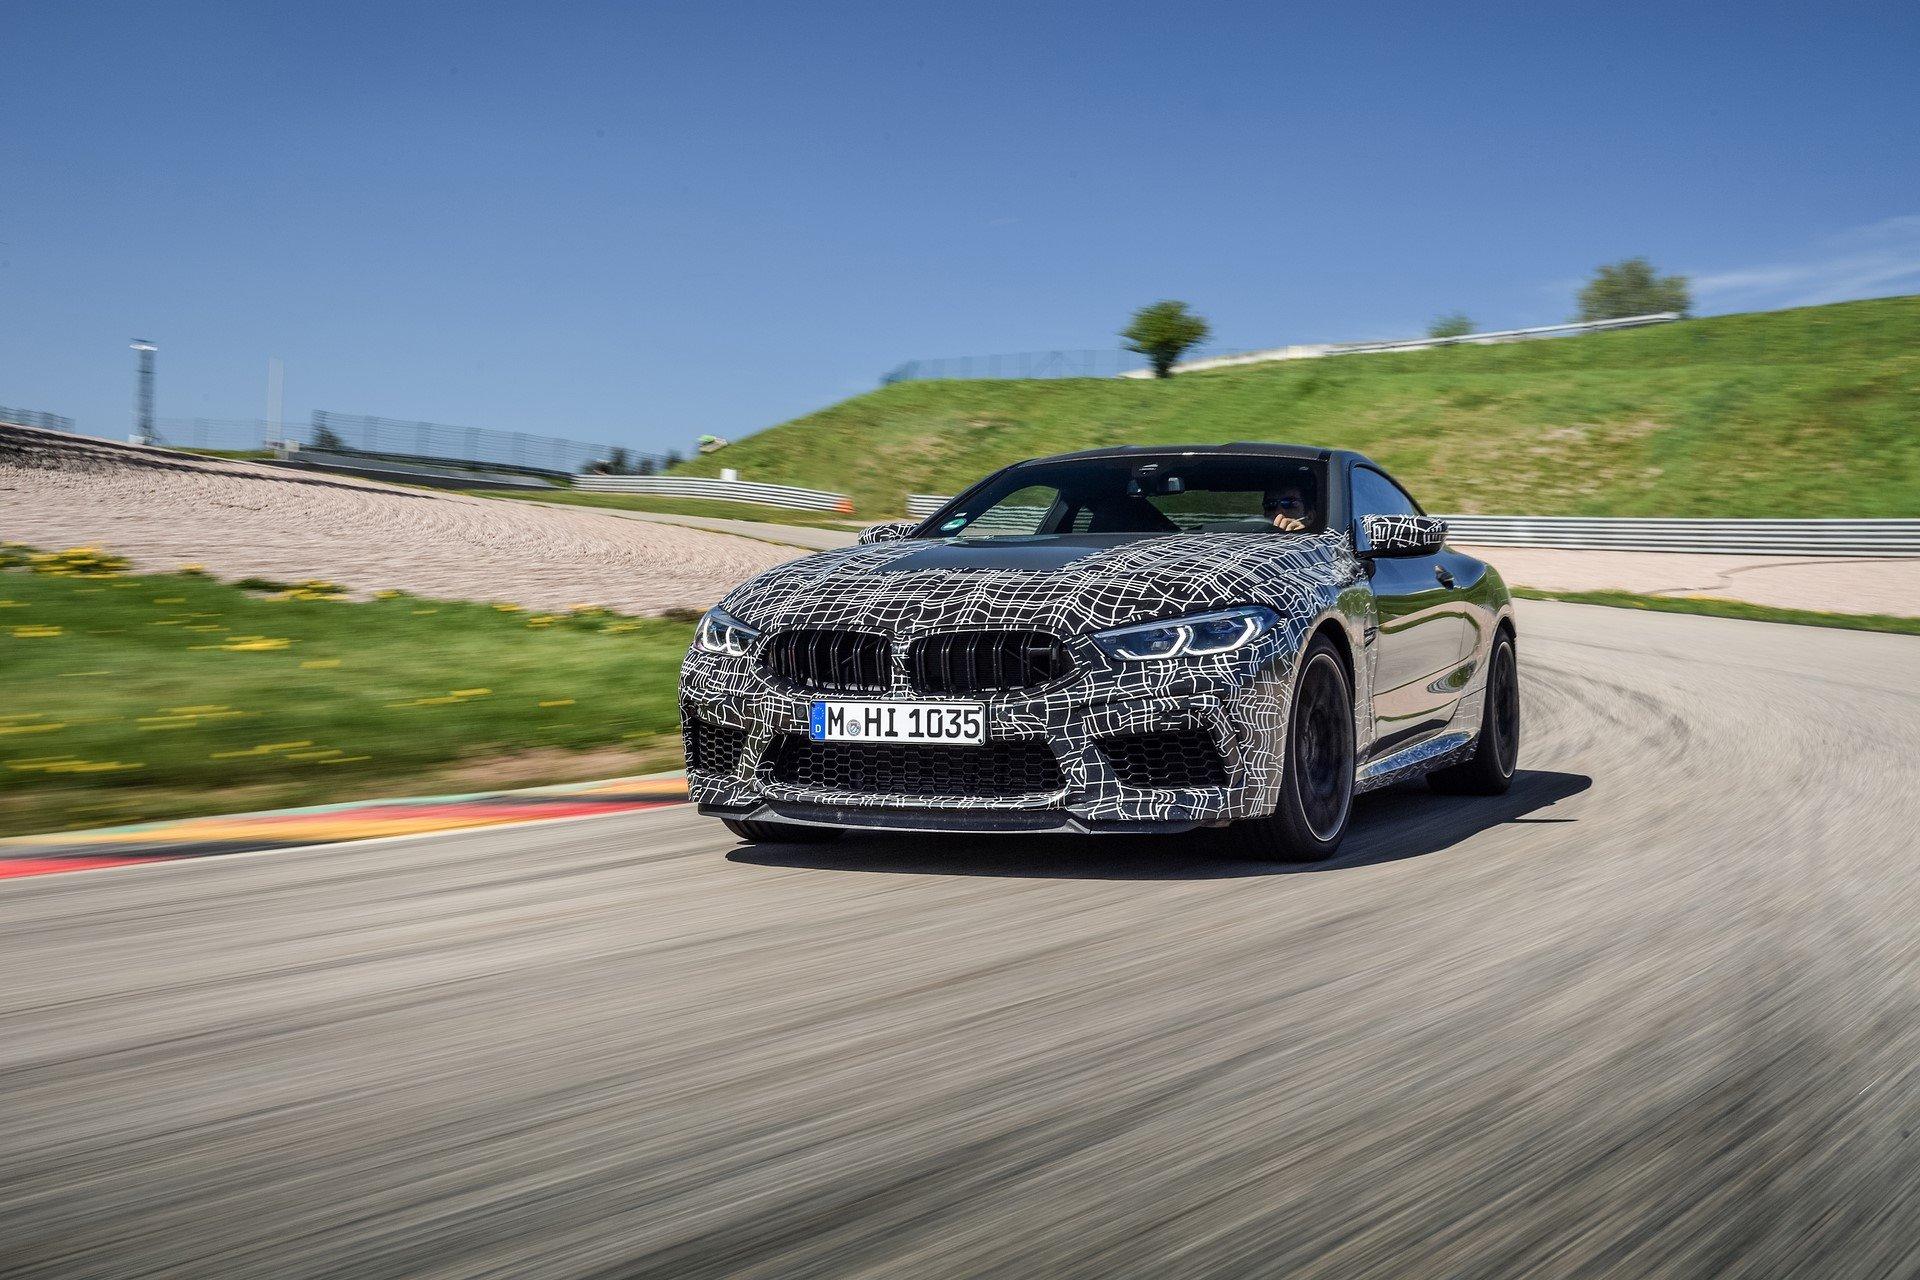 BMW-M8-spy-photos-28